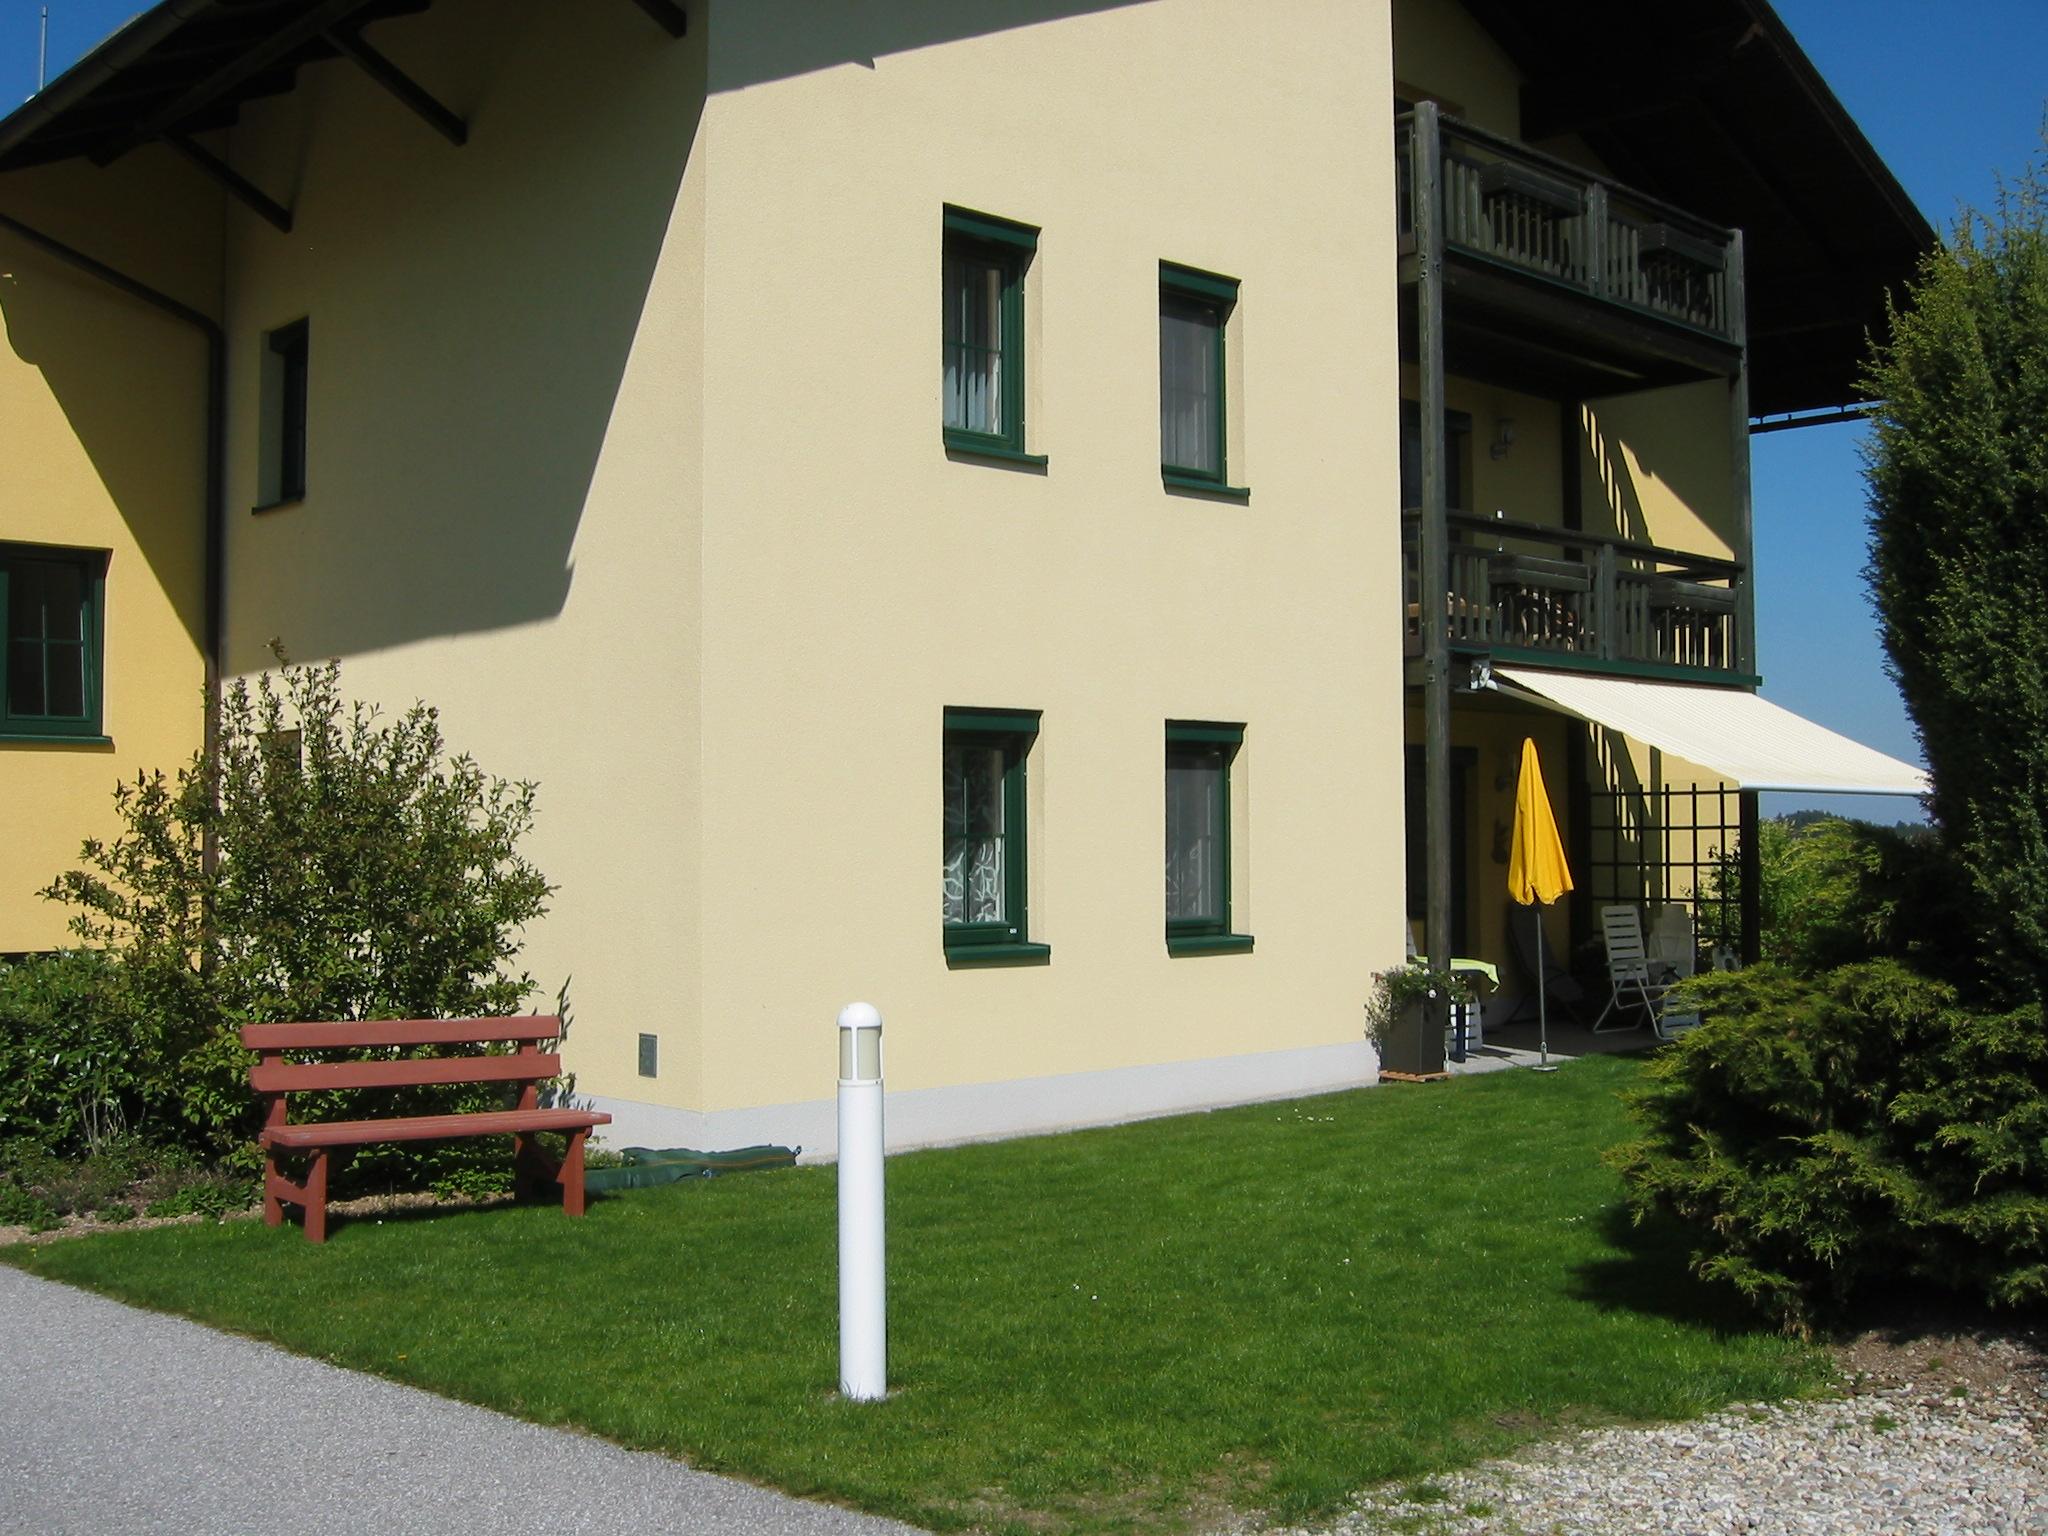 Immobilie von Kamptal in 3925 Arbesbach, Zwettl, Arbesbach I - Top 101 #1